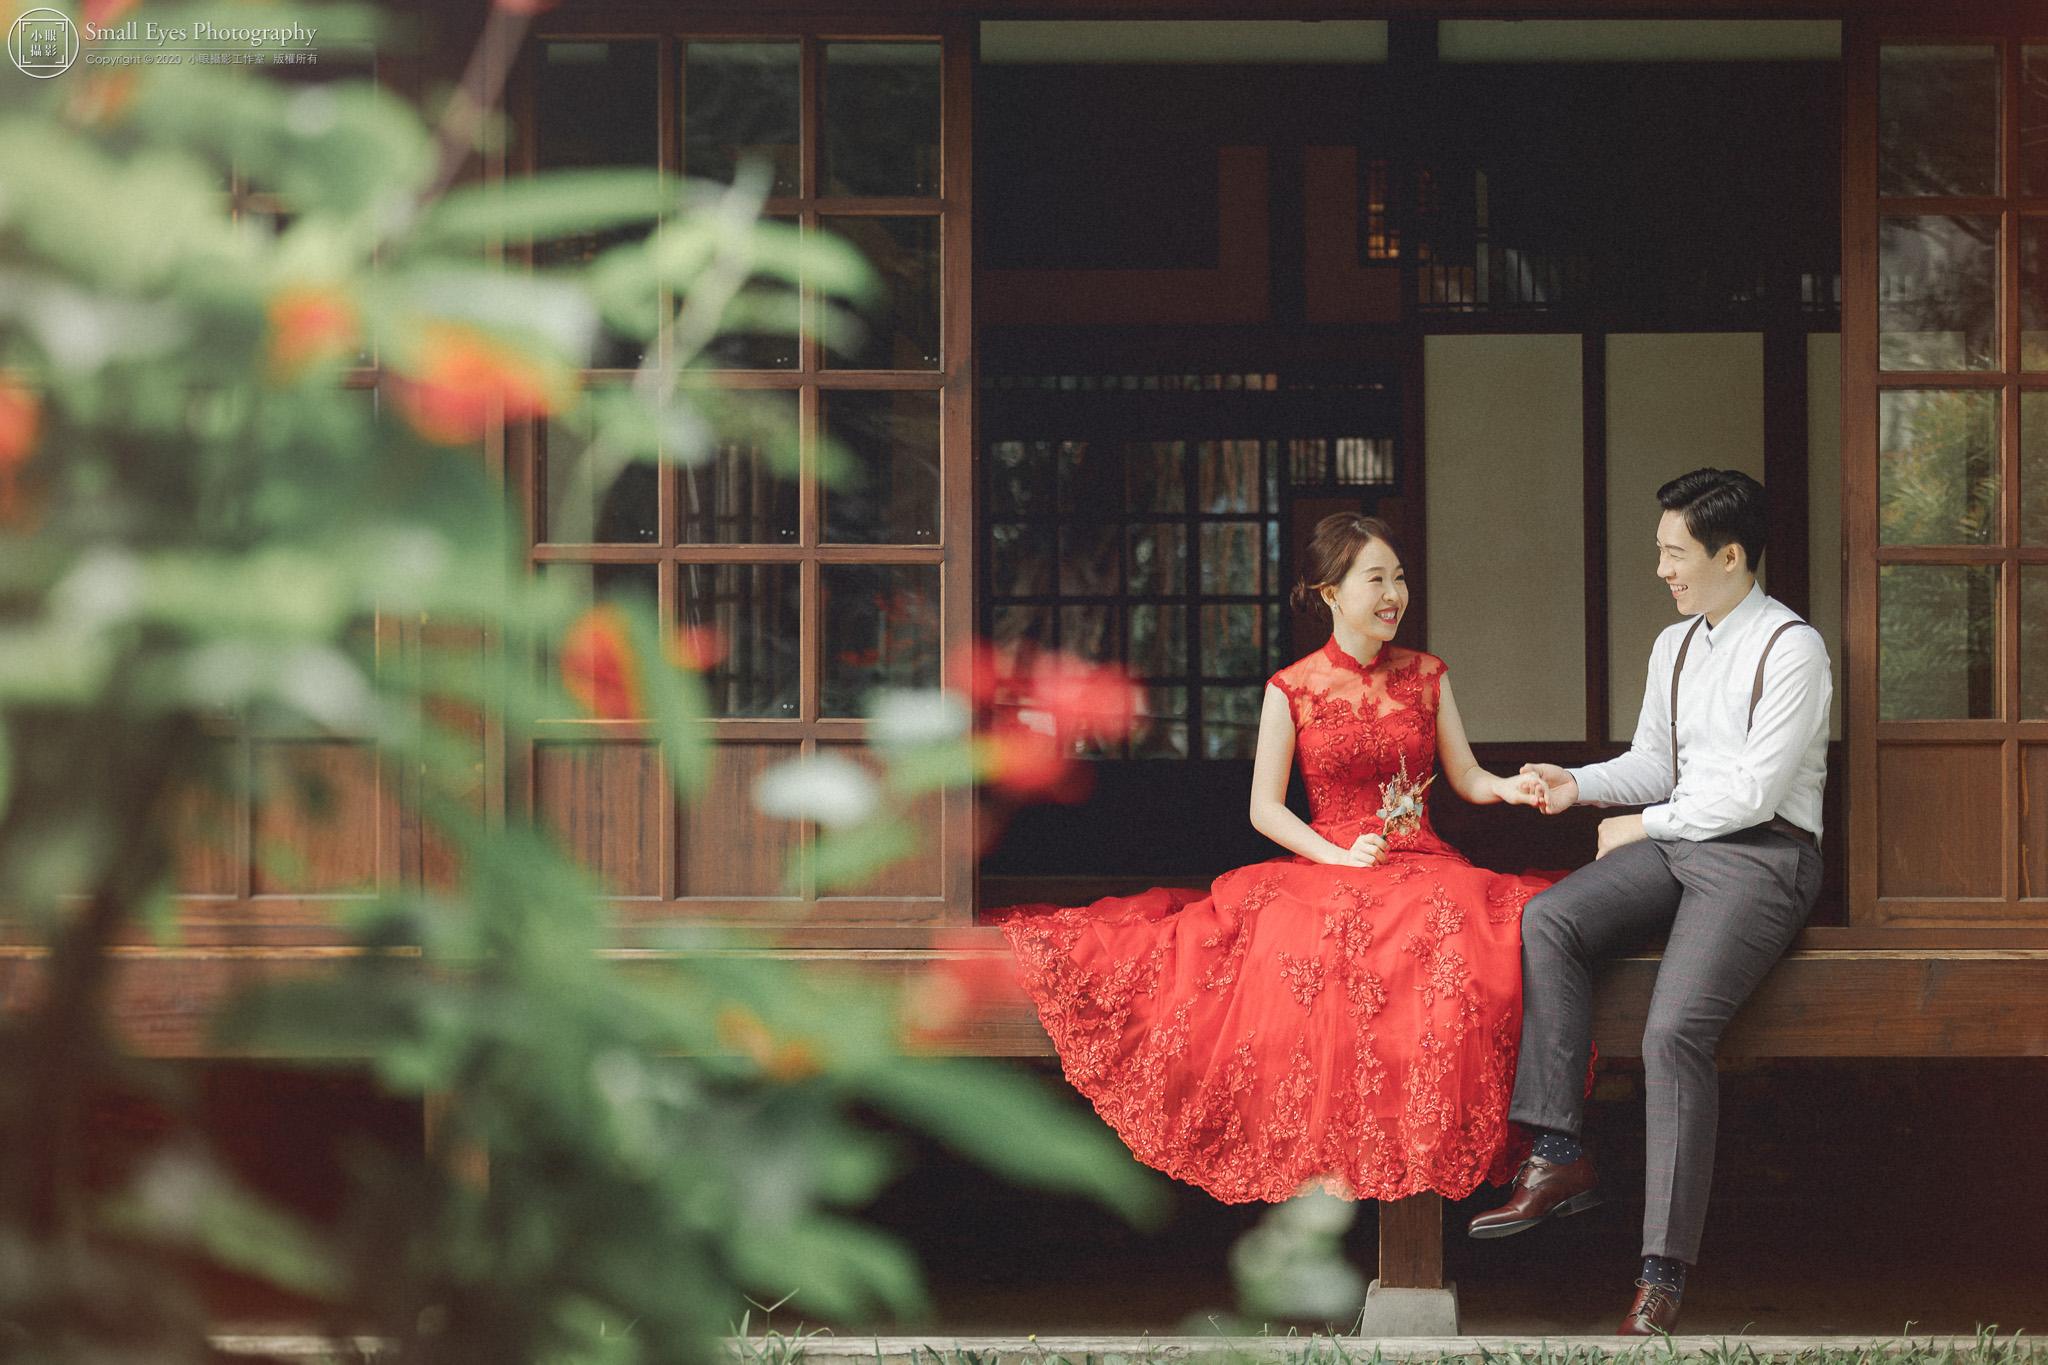 【自助婚紗】婚攝小眼 - 嘉成&羽萱 自主婚紗 @紀州庵